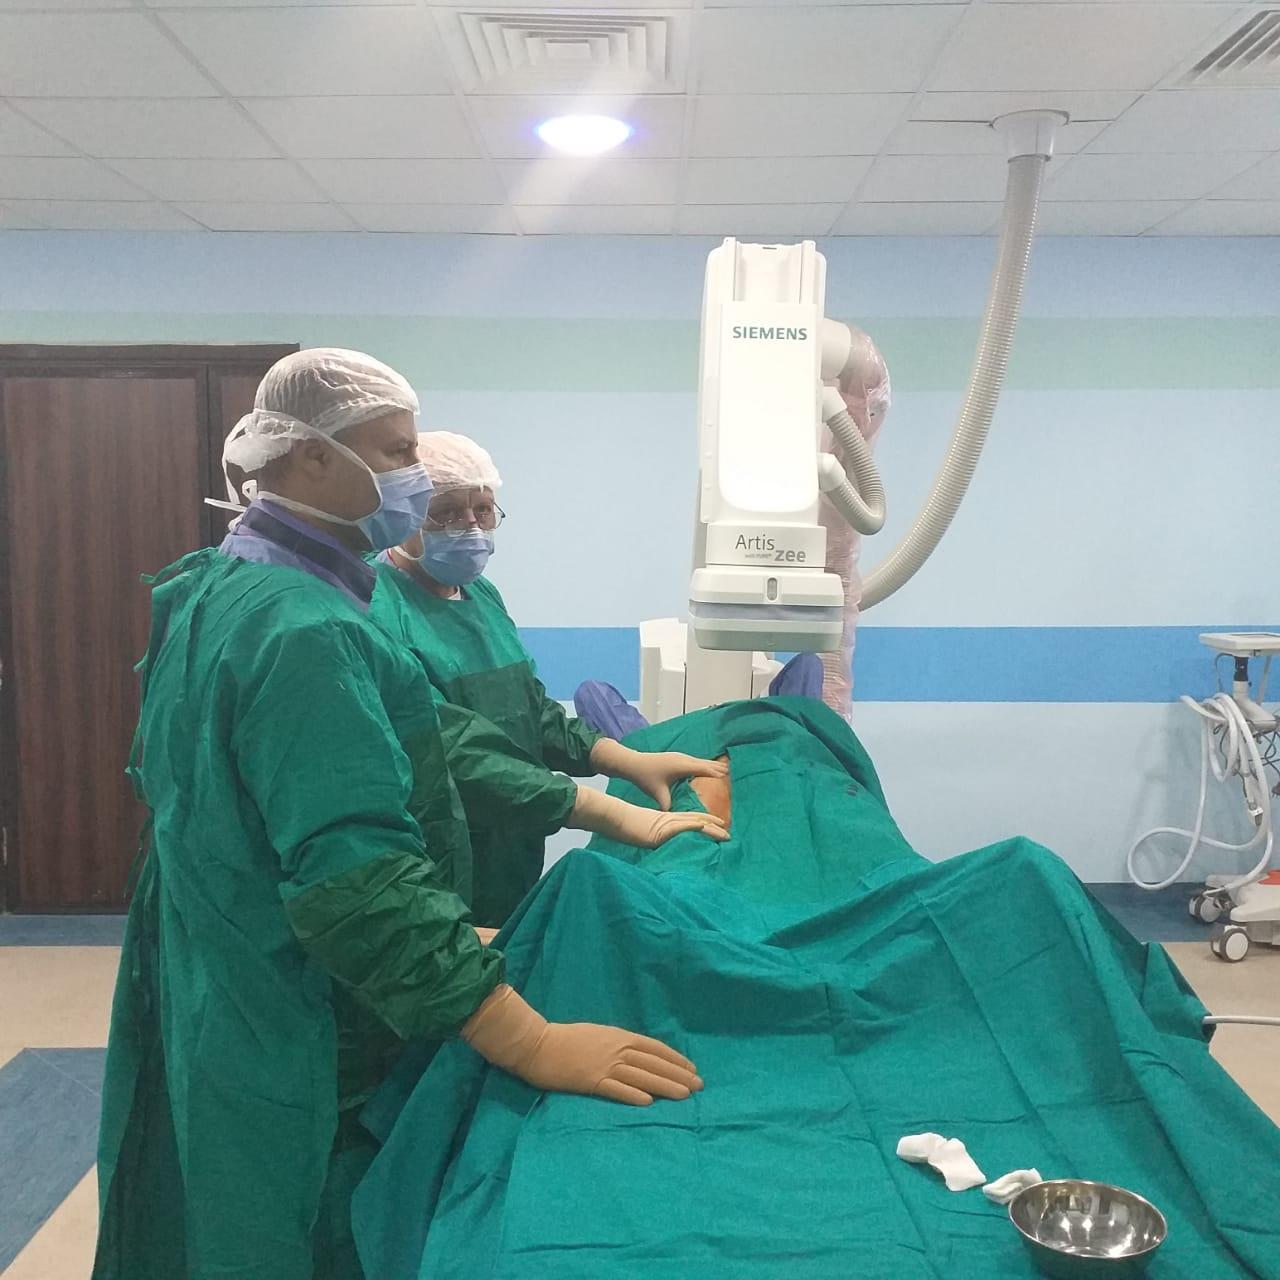 فريق طبى بمستشفى إسنا يجرى عملية (3)